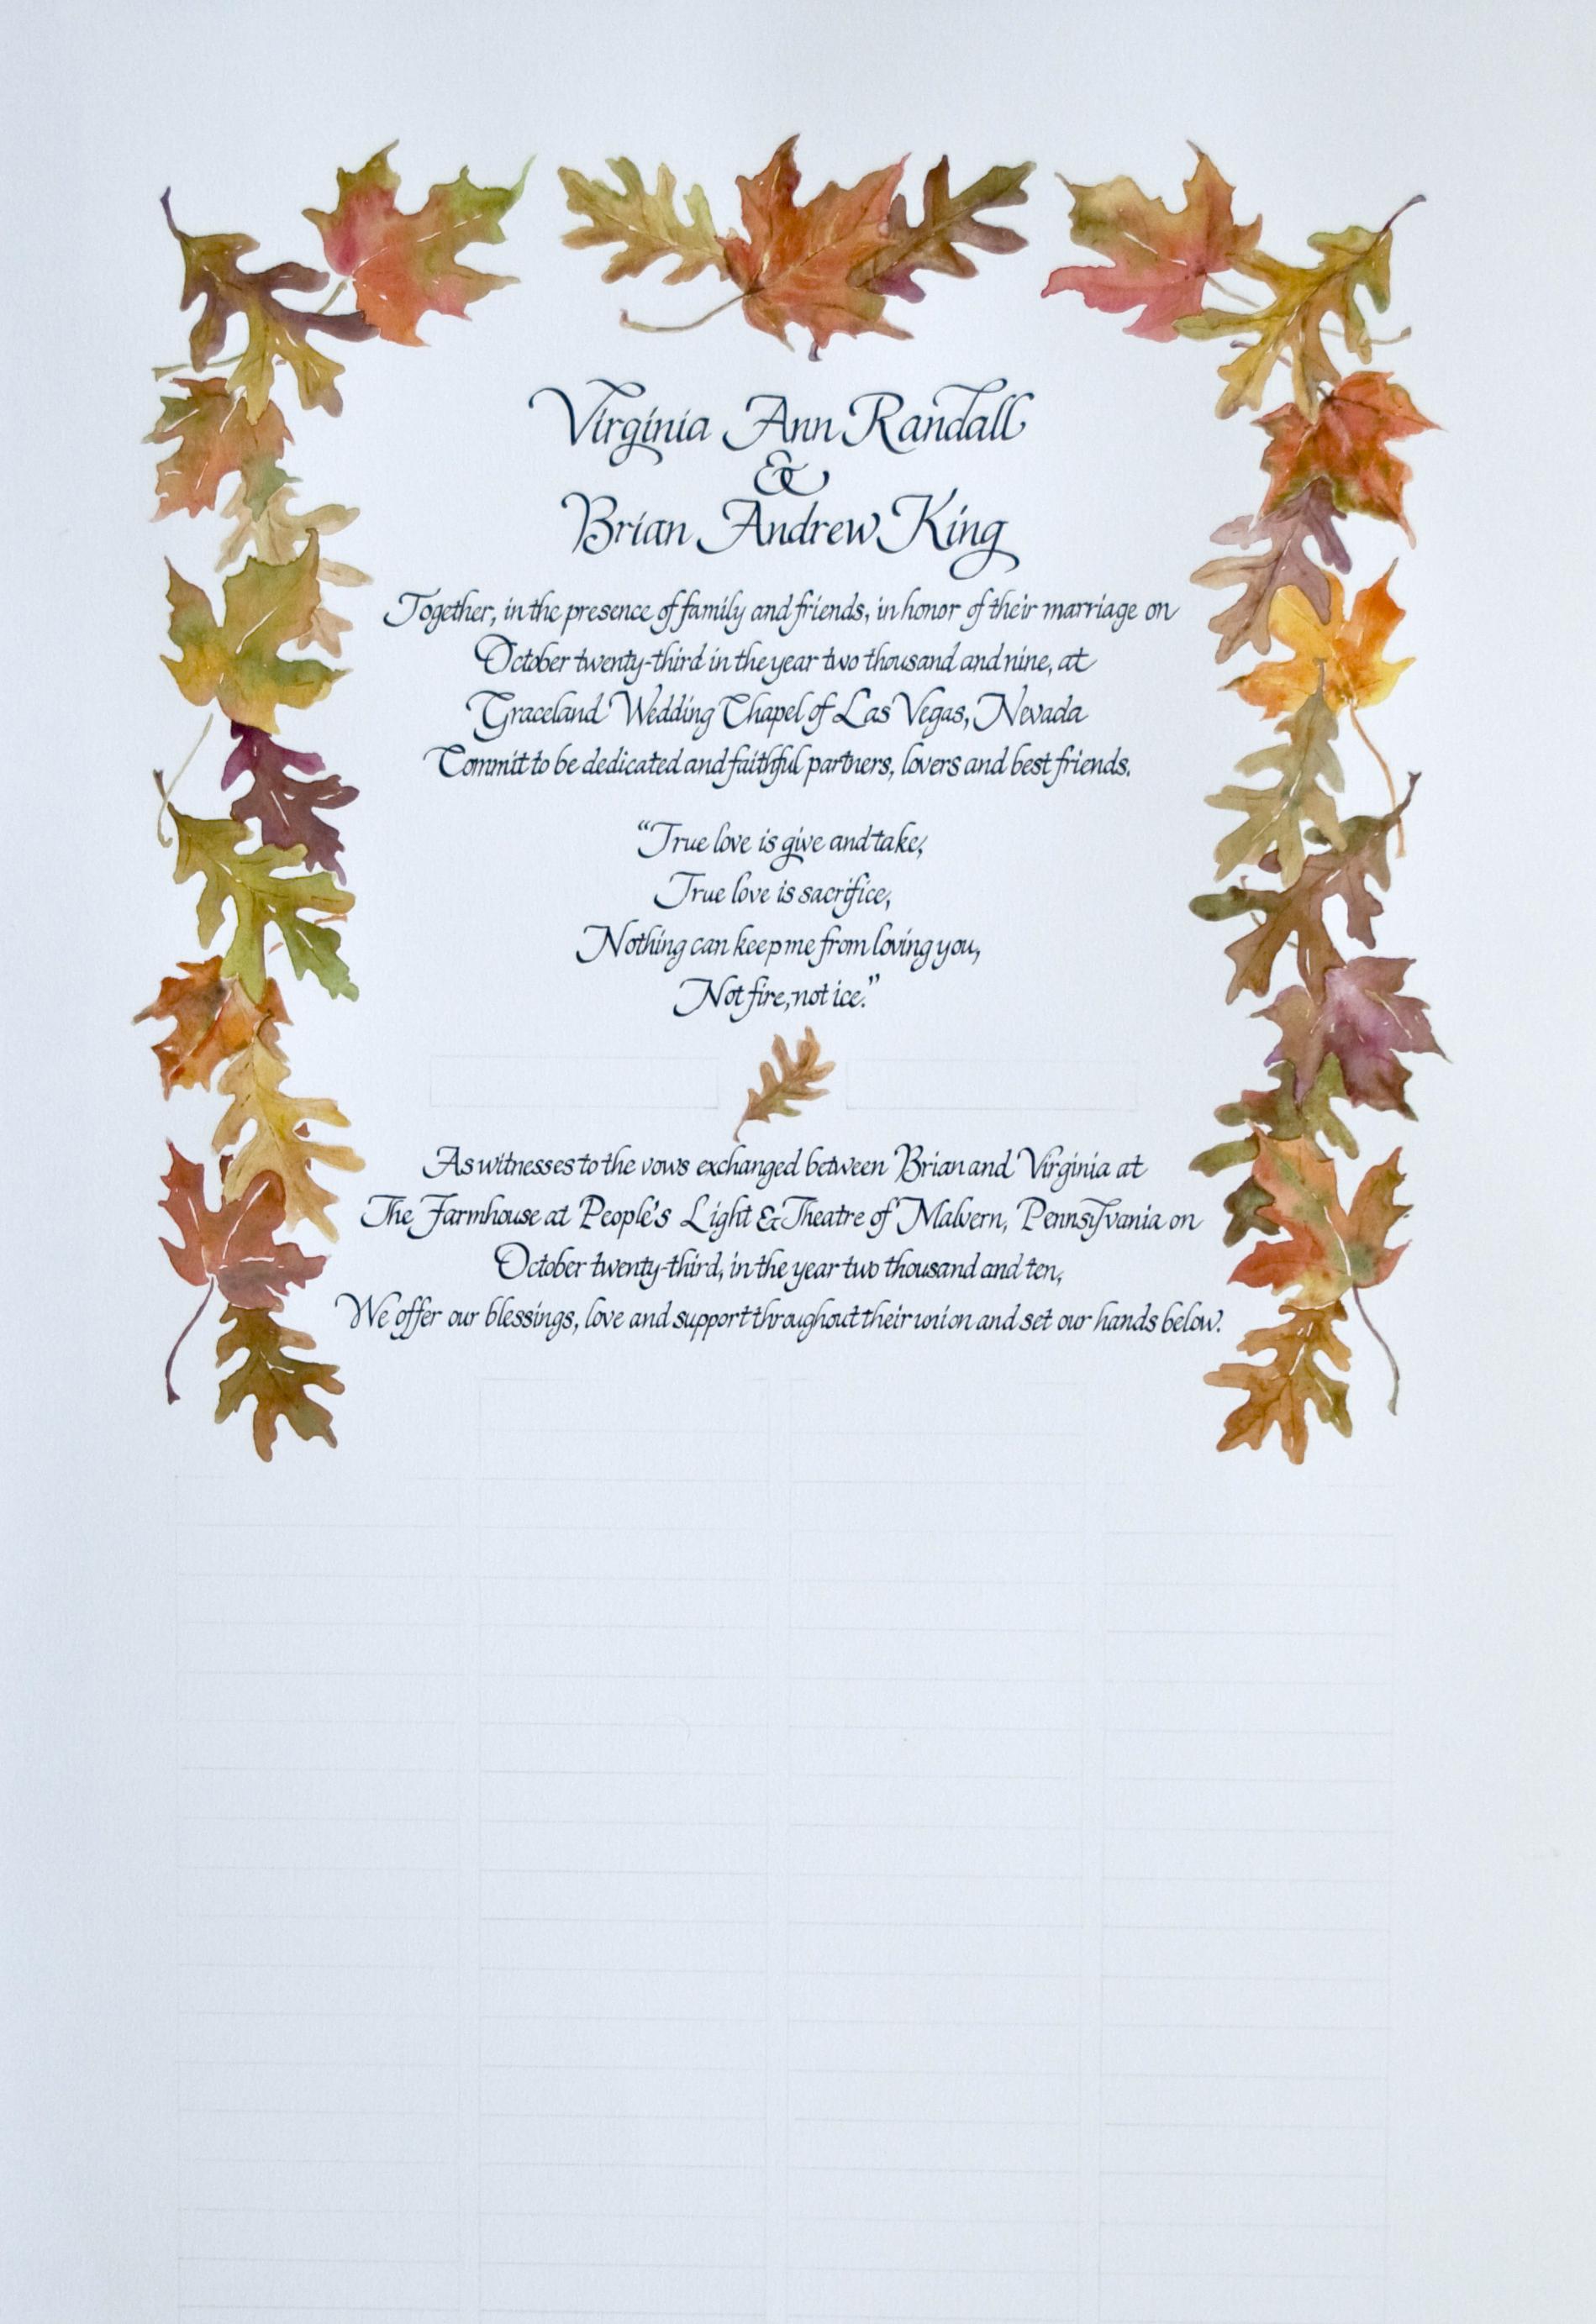 Virginia Certificate.jpg